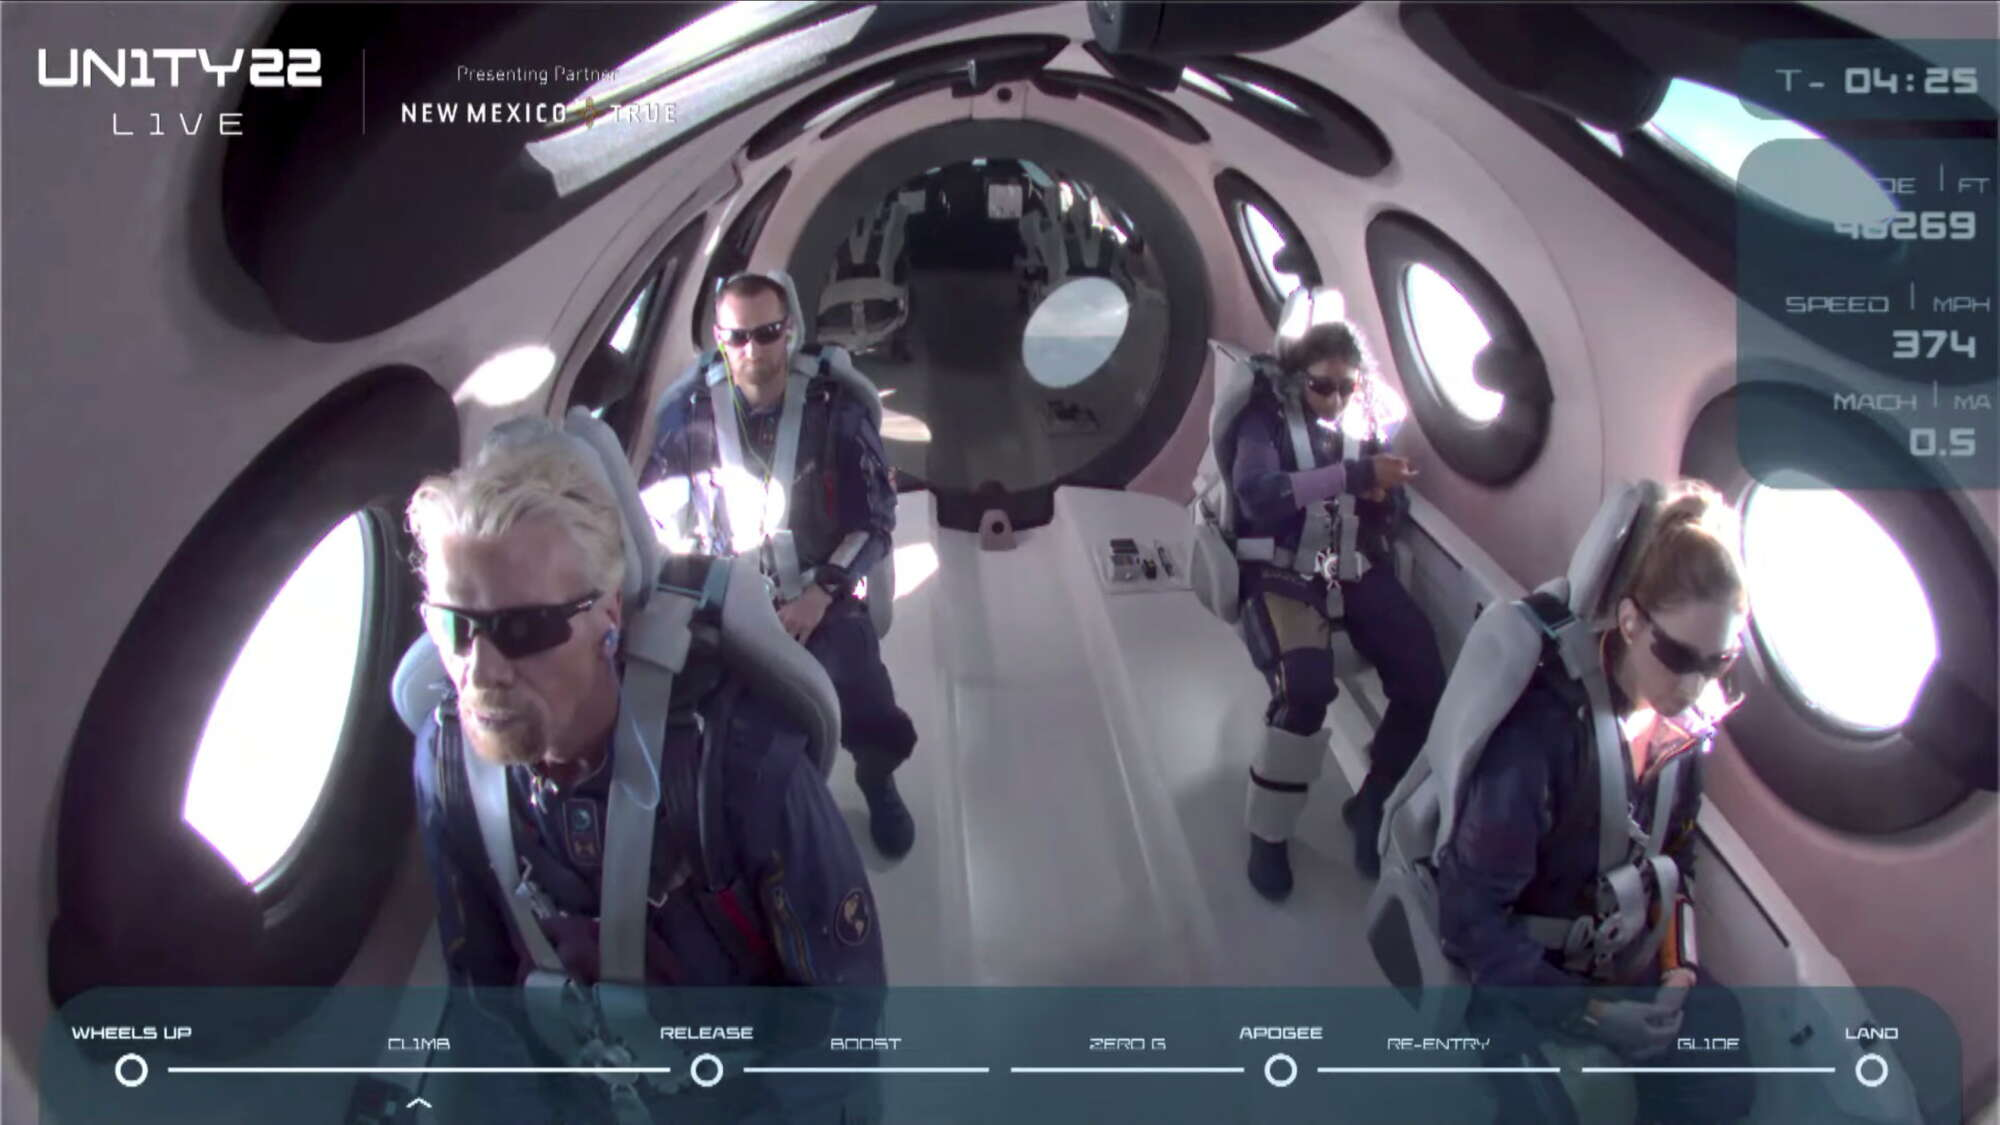 Οι πρώτοι διαστημικοί τουρίστες δεν μπορούν να κρύψουν μια μικρή νευρικότητα